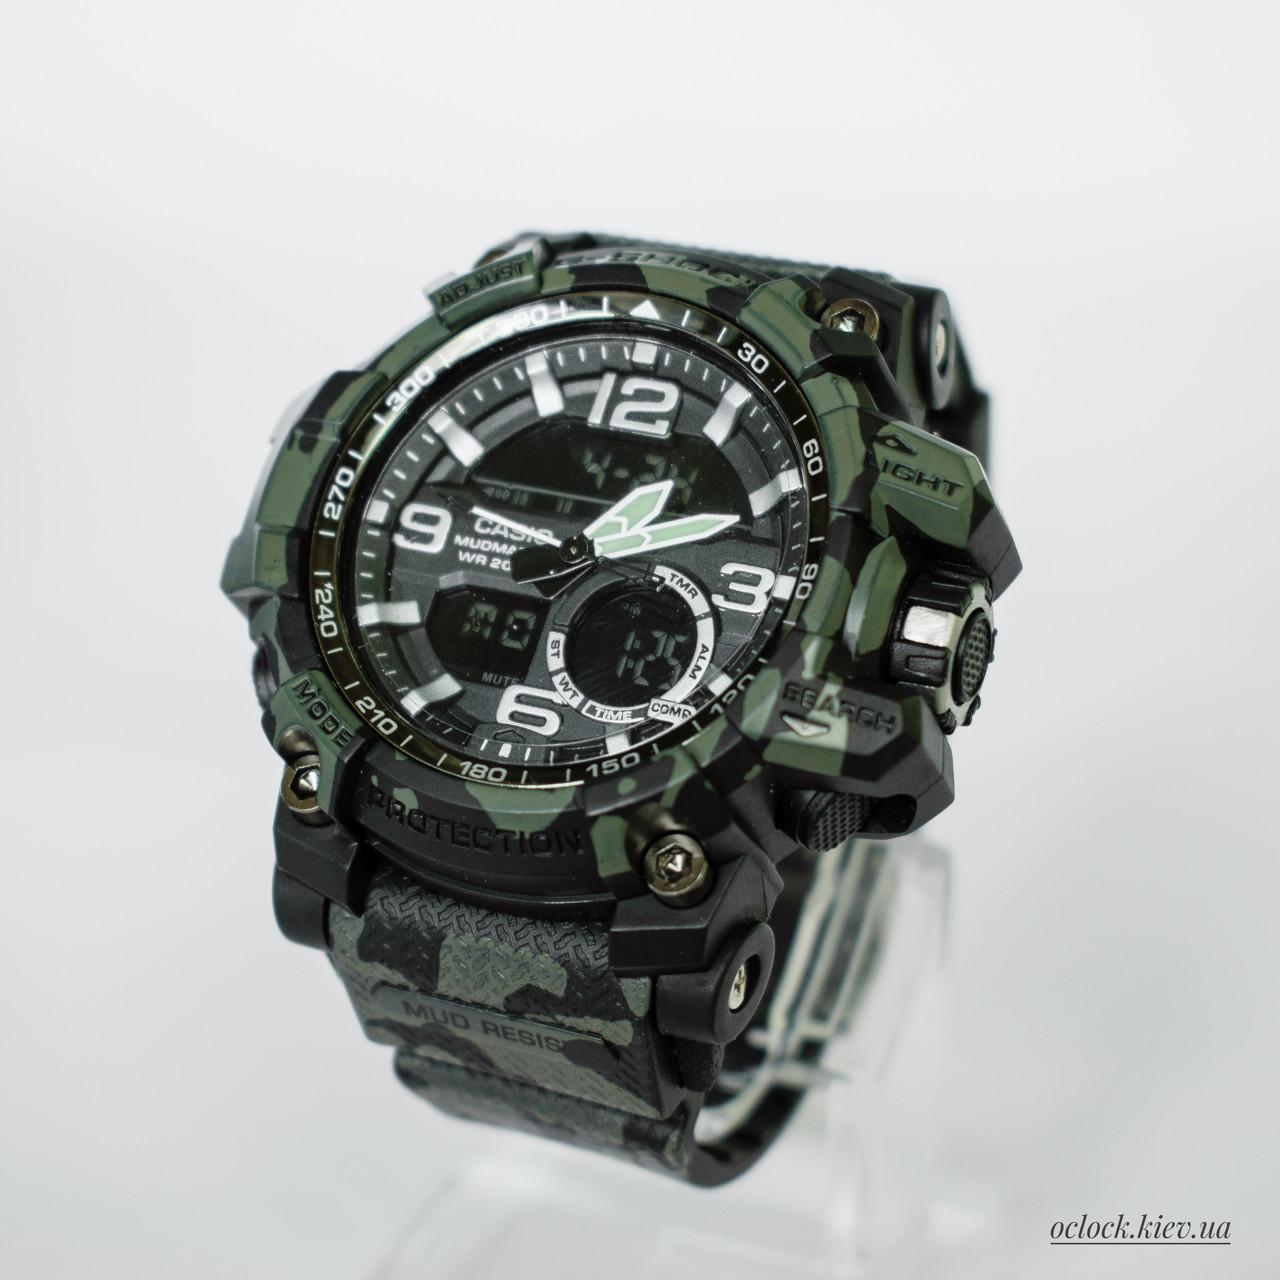 Часы Casio G-Shock Mudmaster GG 1000 (replica)